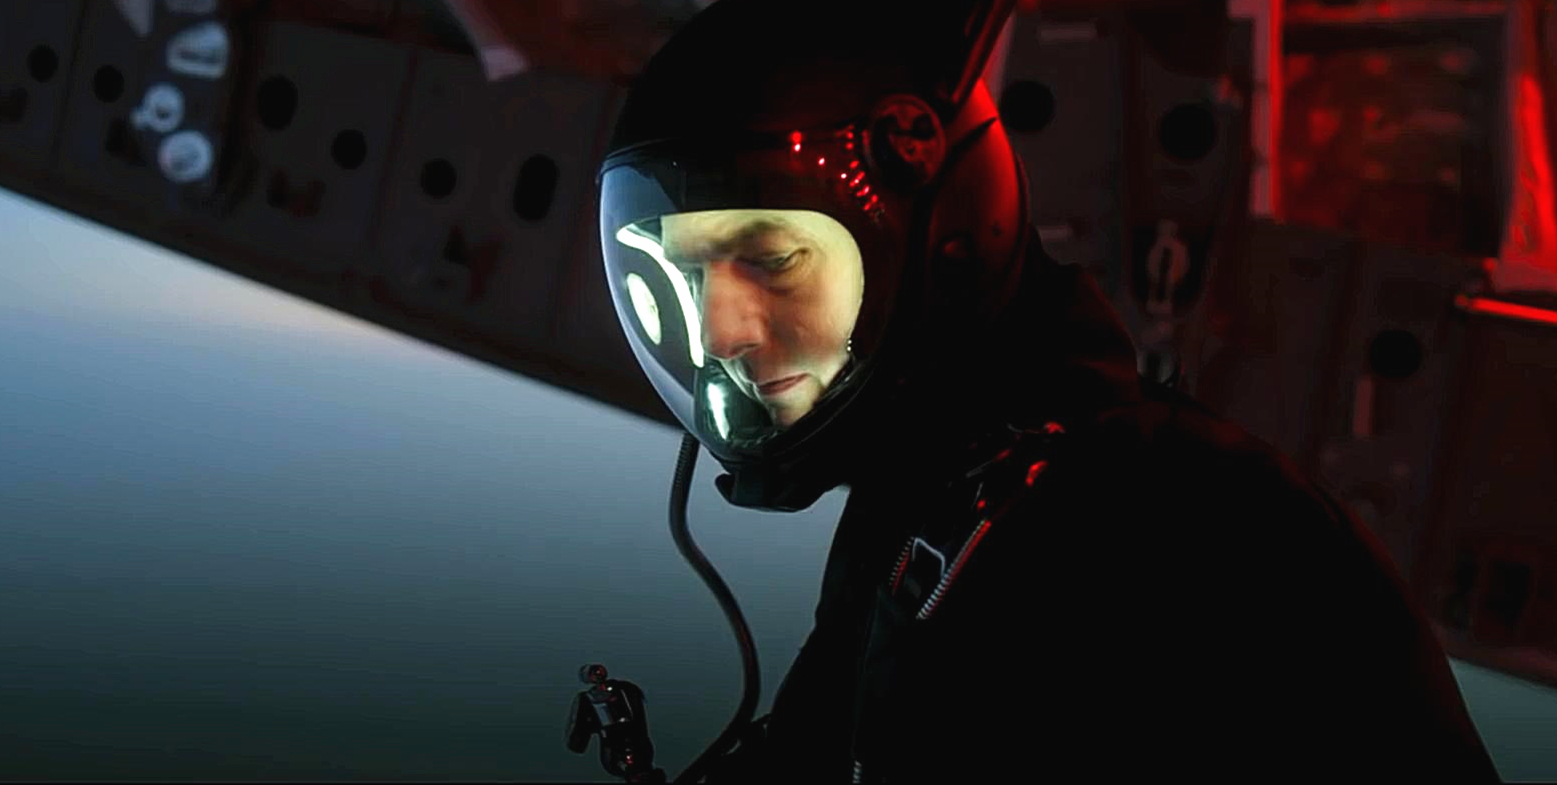 #电影最前线#《碟中谍6》汤姆克鲁斯真实HALO跳伞片段,电影史上第一人